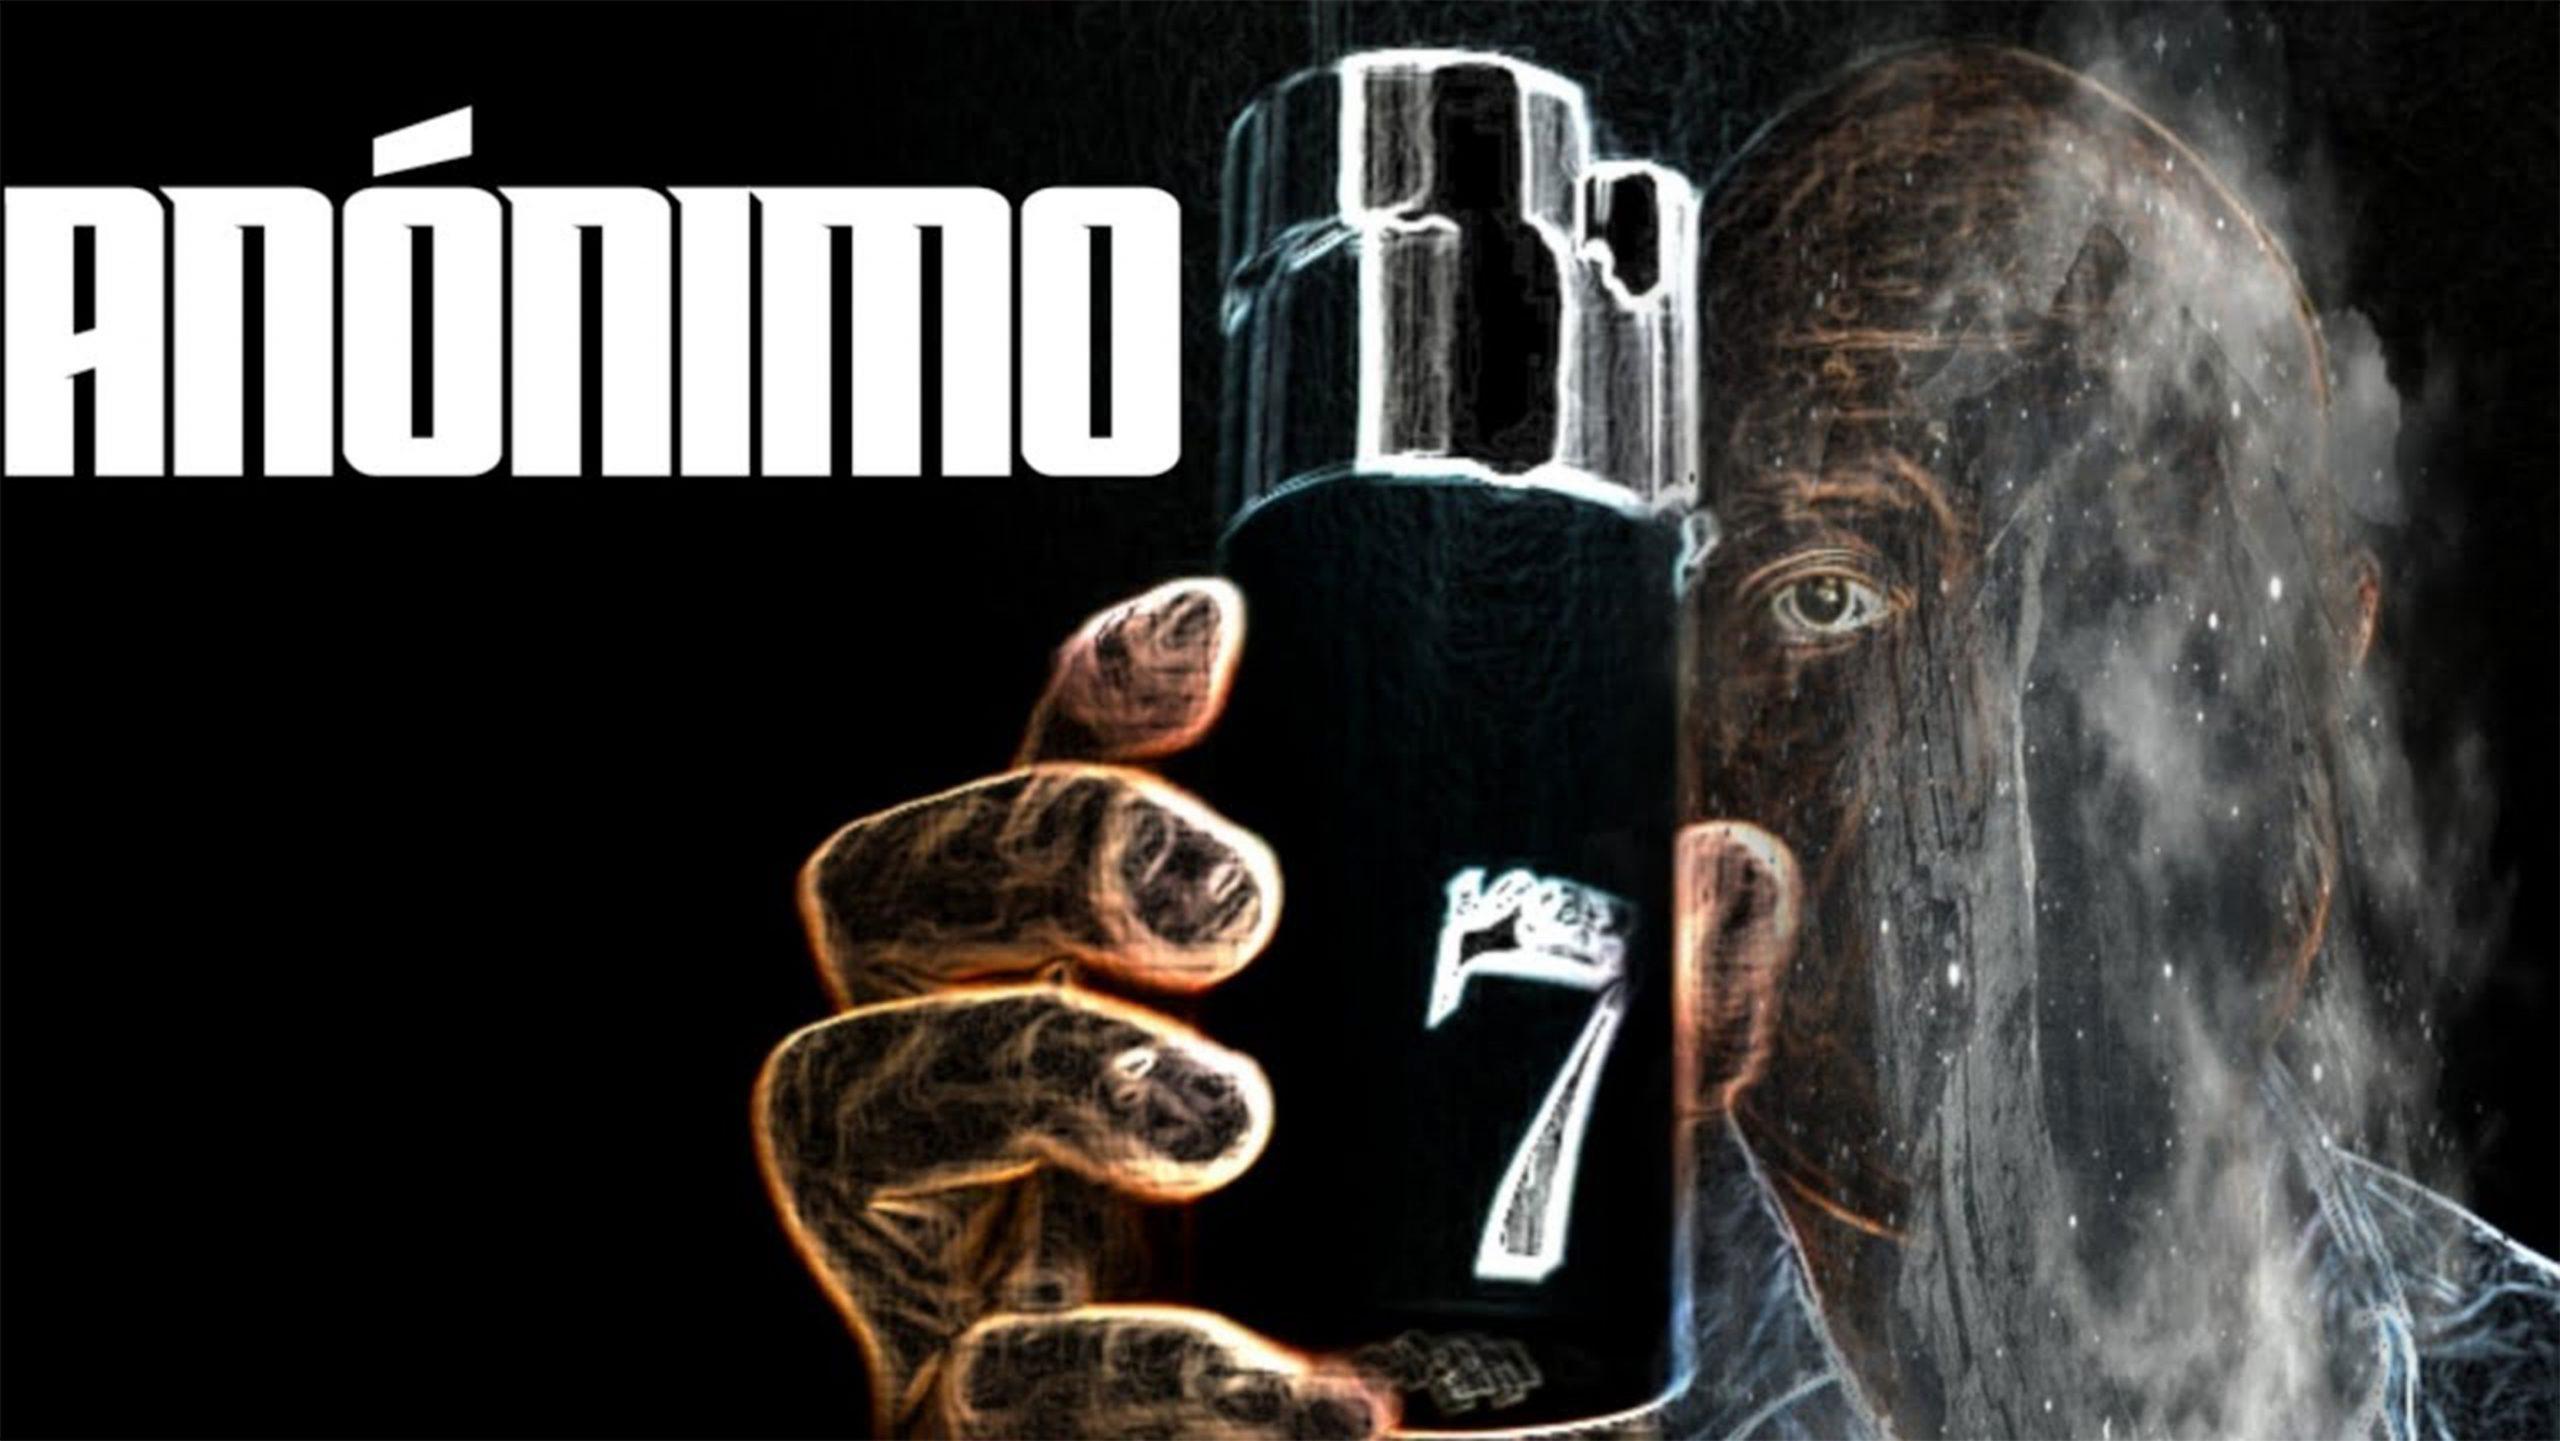 عطر لووه ۷ آنونیمو در گروه بویایی چرمی قرار می گیرد.